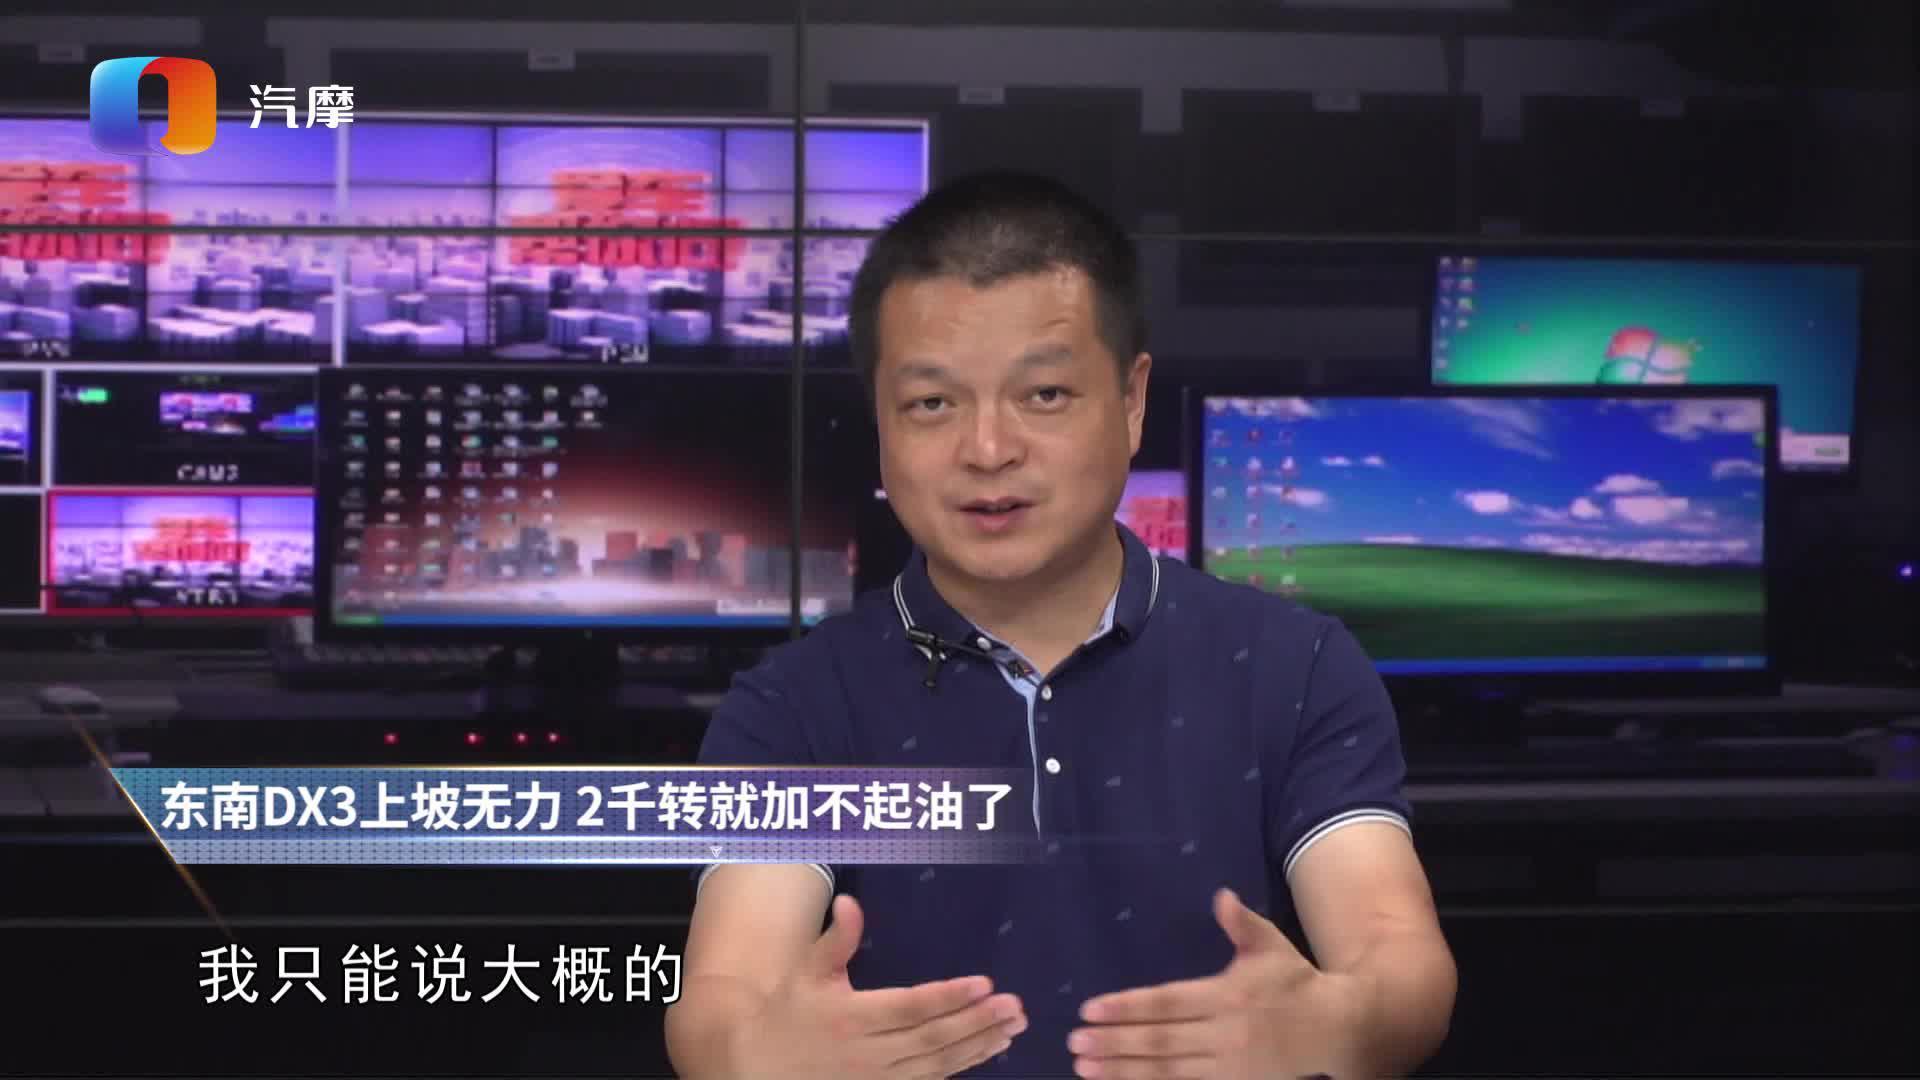 视频:东南DX3上坡无力 两千转就加不起油了是怎么回事?